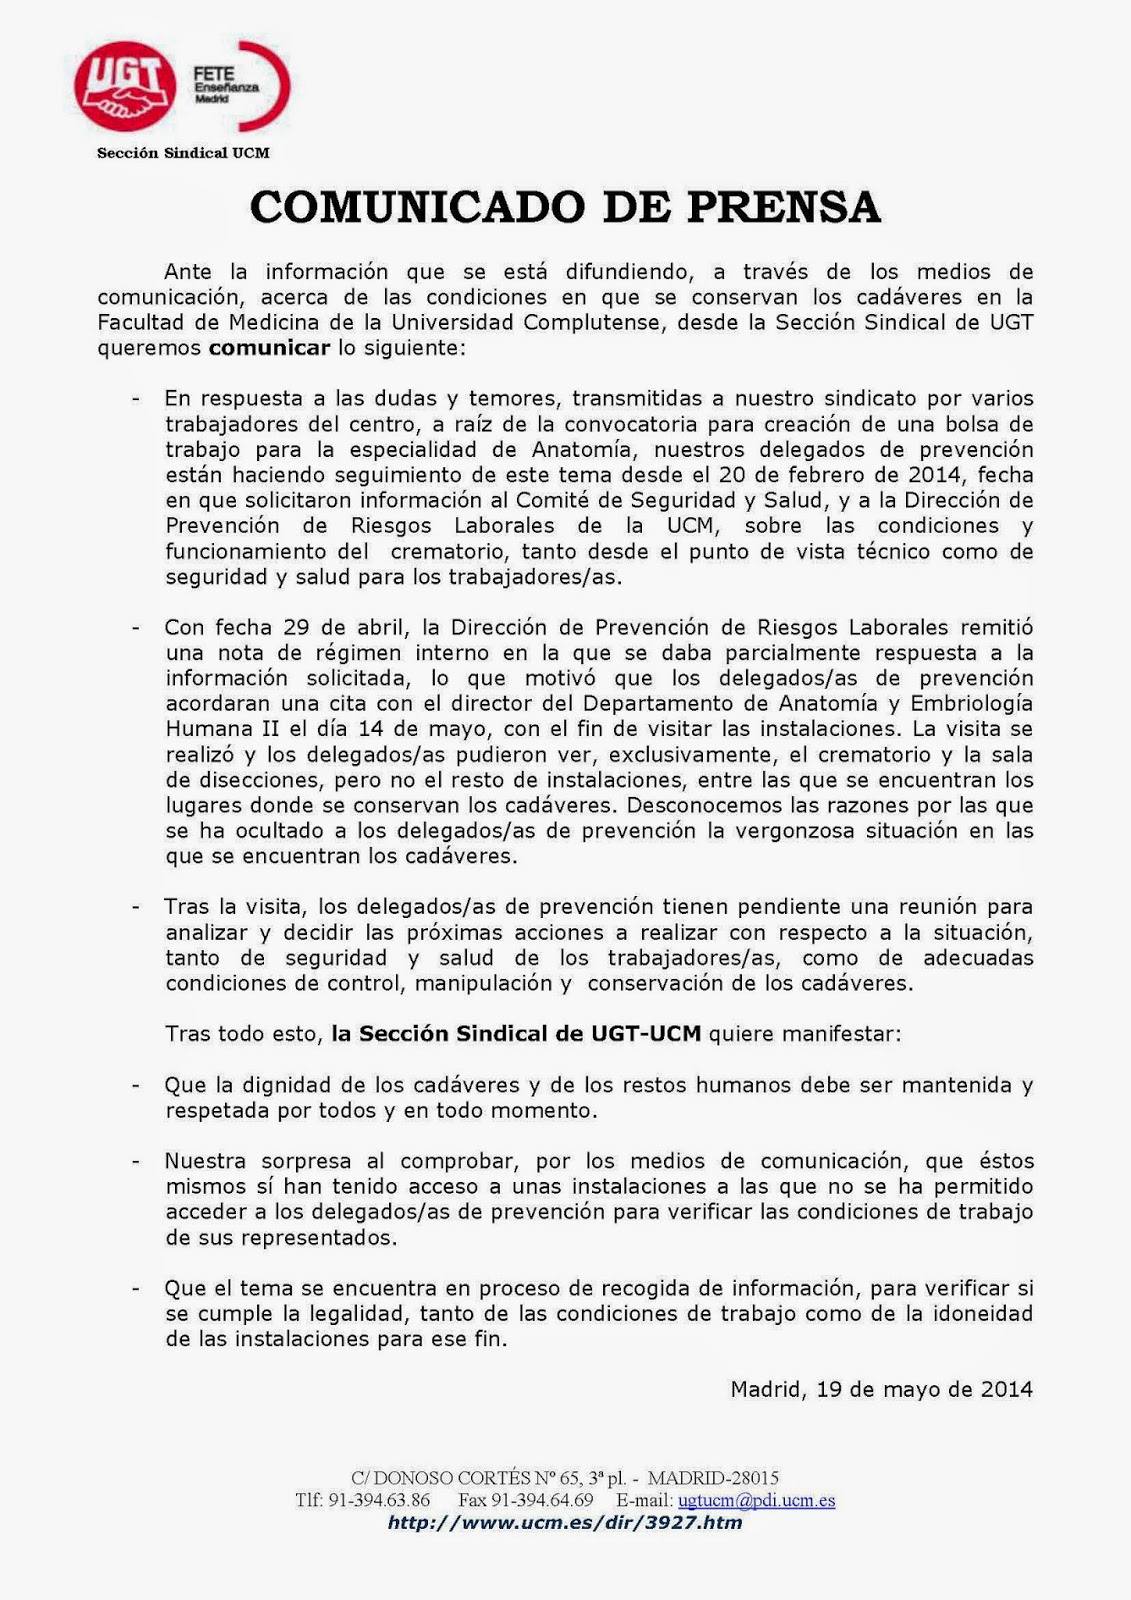 Sección Sindical de UGT en la UCM: SALUD LABORAL